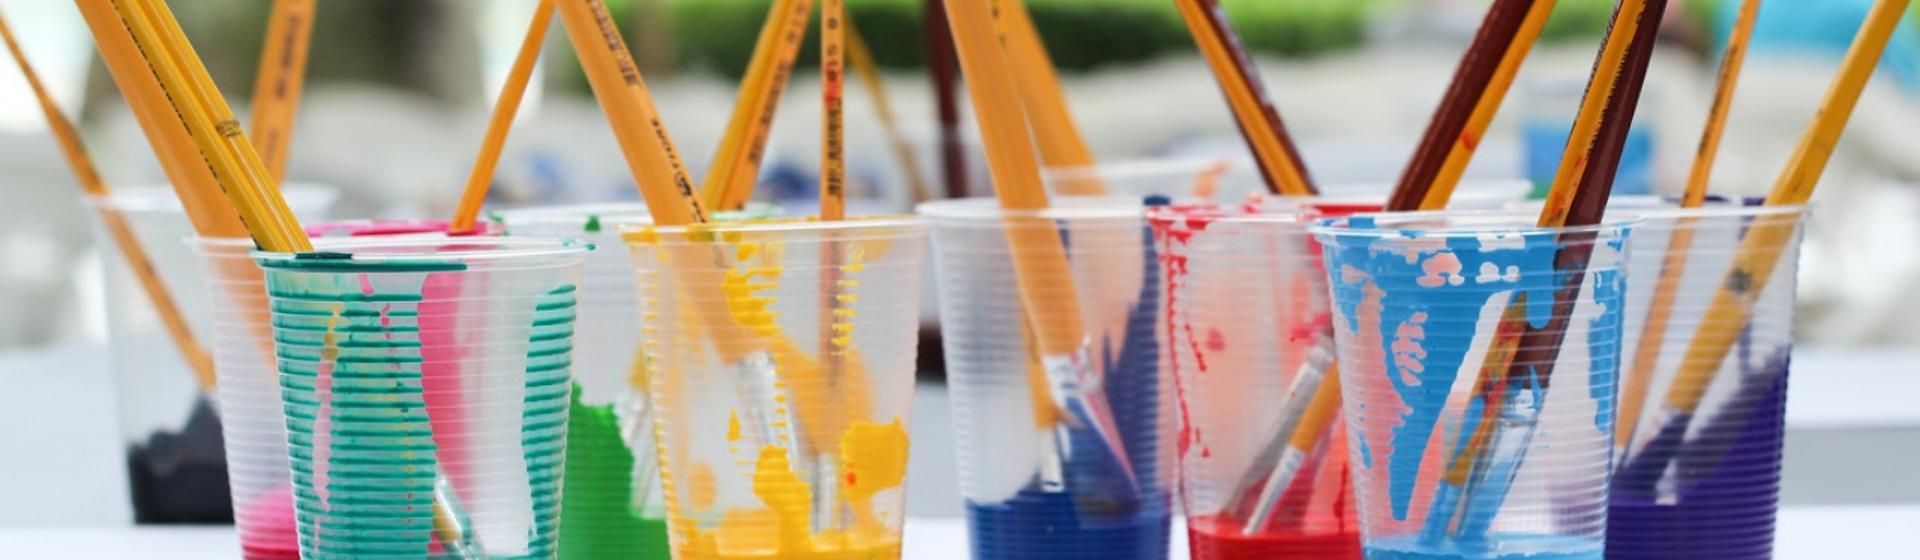 ¿Cómo pintar plástico?: conviértete en un ecopintor con esta guía de técnicas de pintura